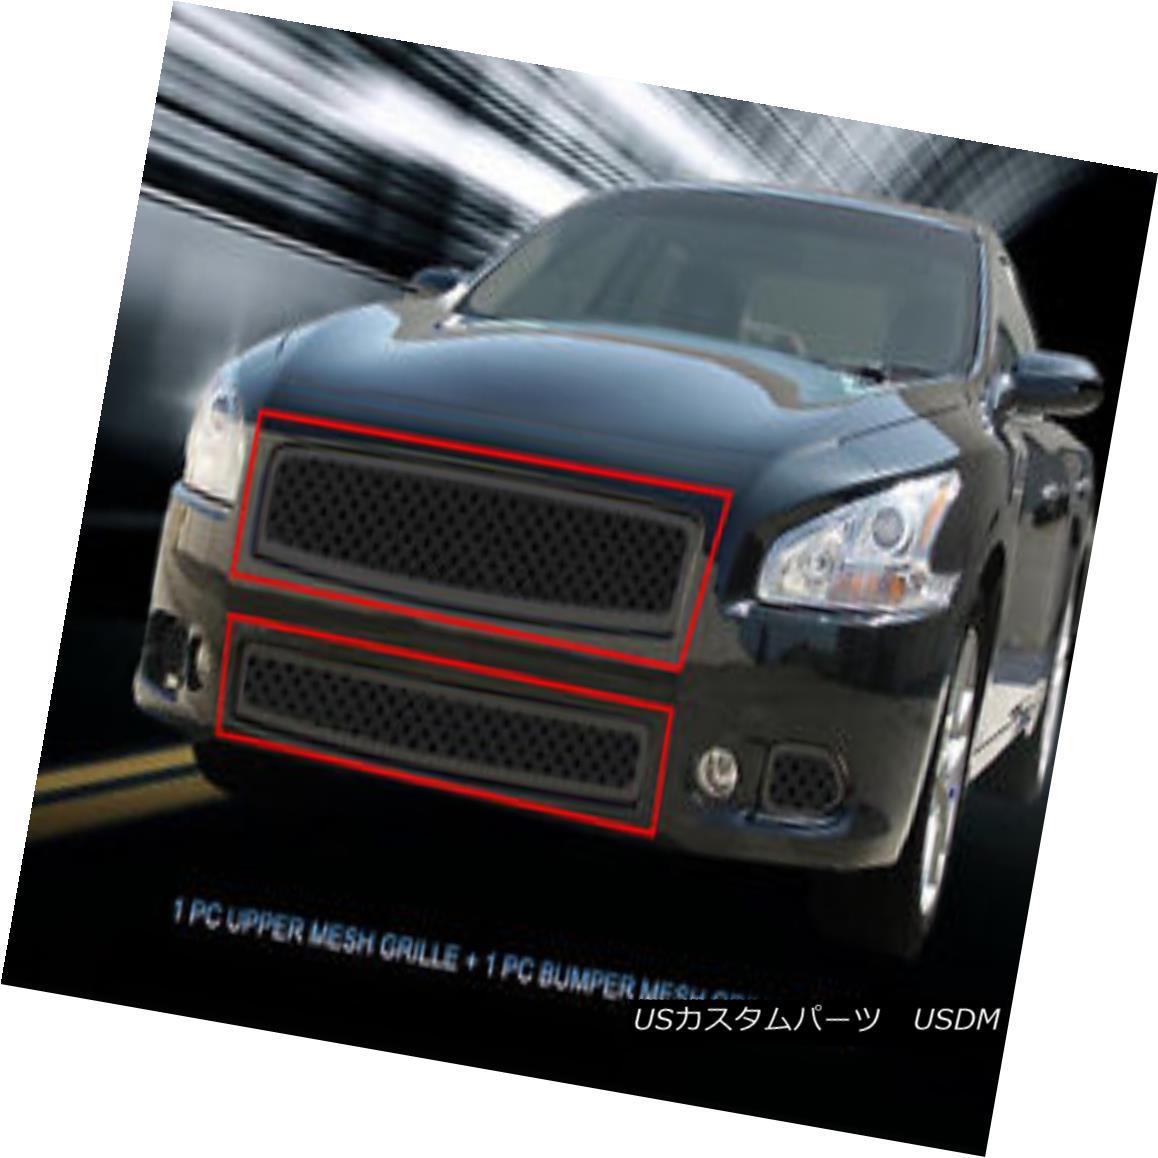 グリル Fedar Fits 09-14 Nissan Maxima Full Black Dual Weave Mesh Grille Combo Insert Fedar Fits 09-14日産マキシマフルブラックデュアルウィーブメッシュグリルコンボインサート